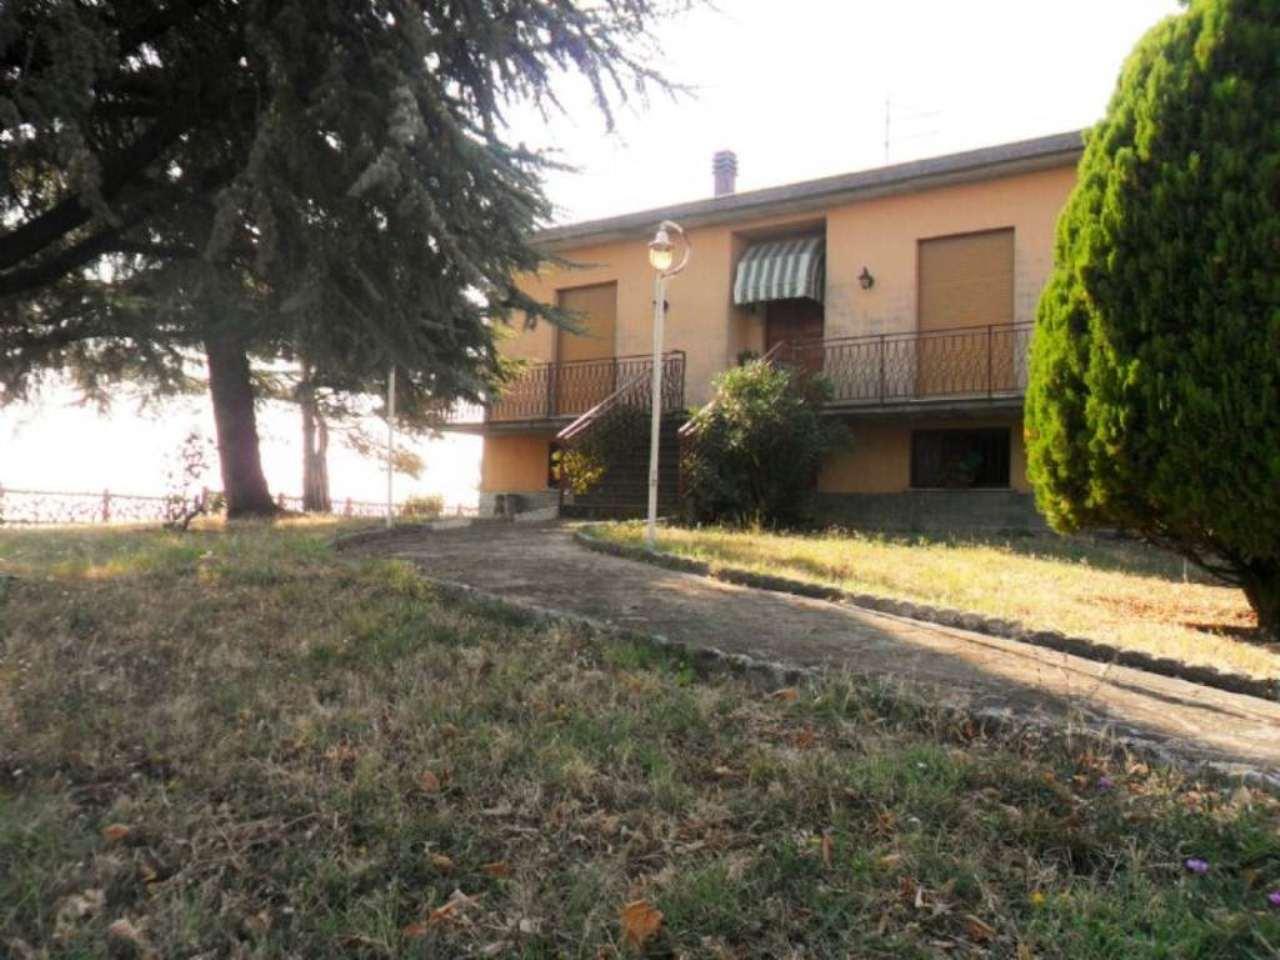 Soluzione Indipendente in vendita a Noceto, 7 locali, prezzo € 240.000 | Cambio Casa.it